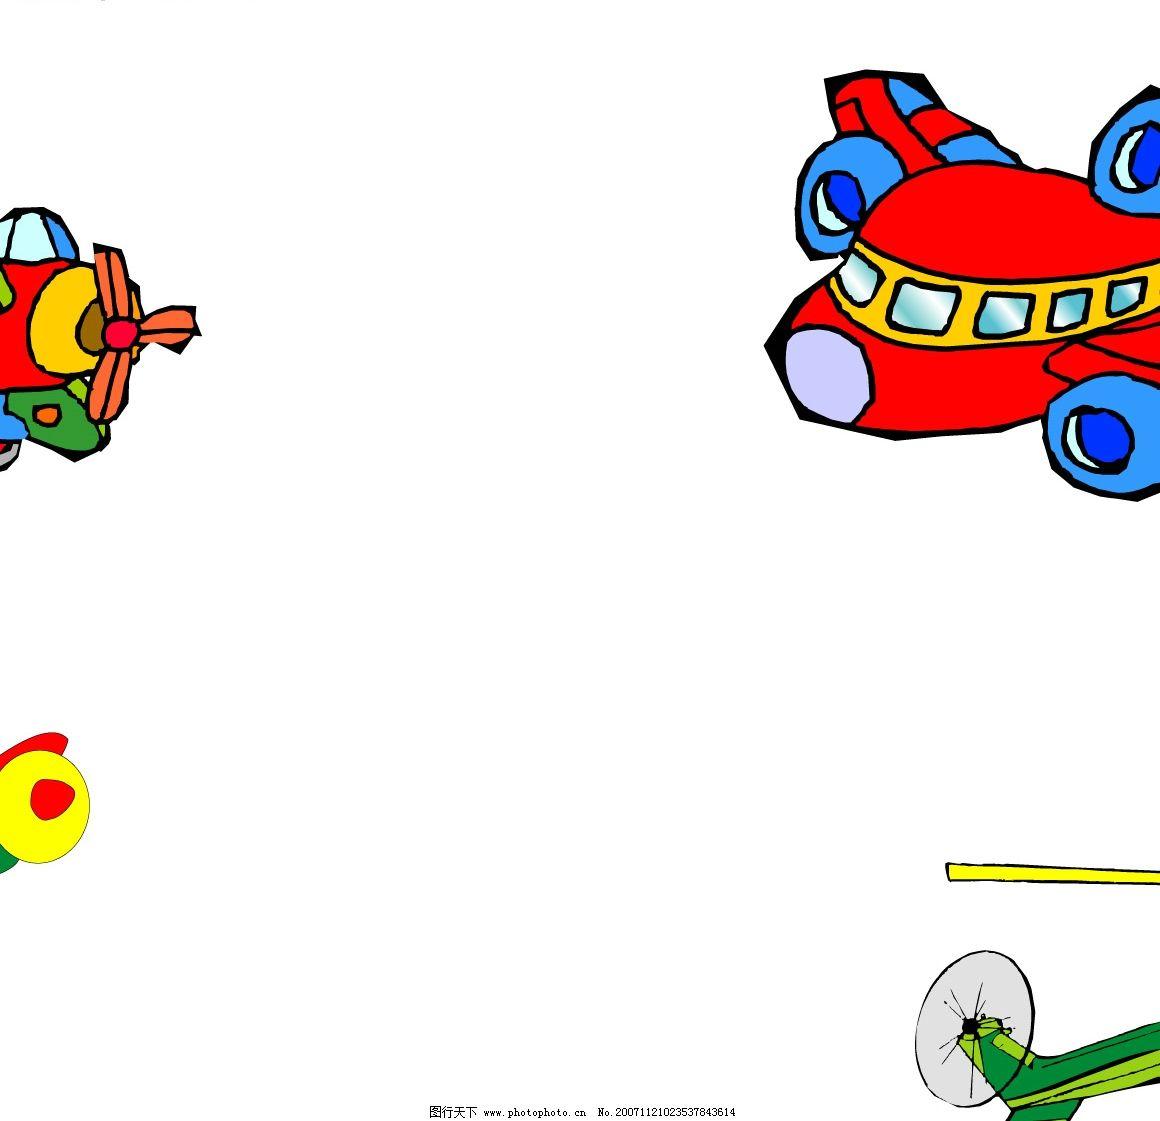 卡通飞机图片